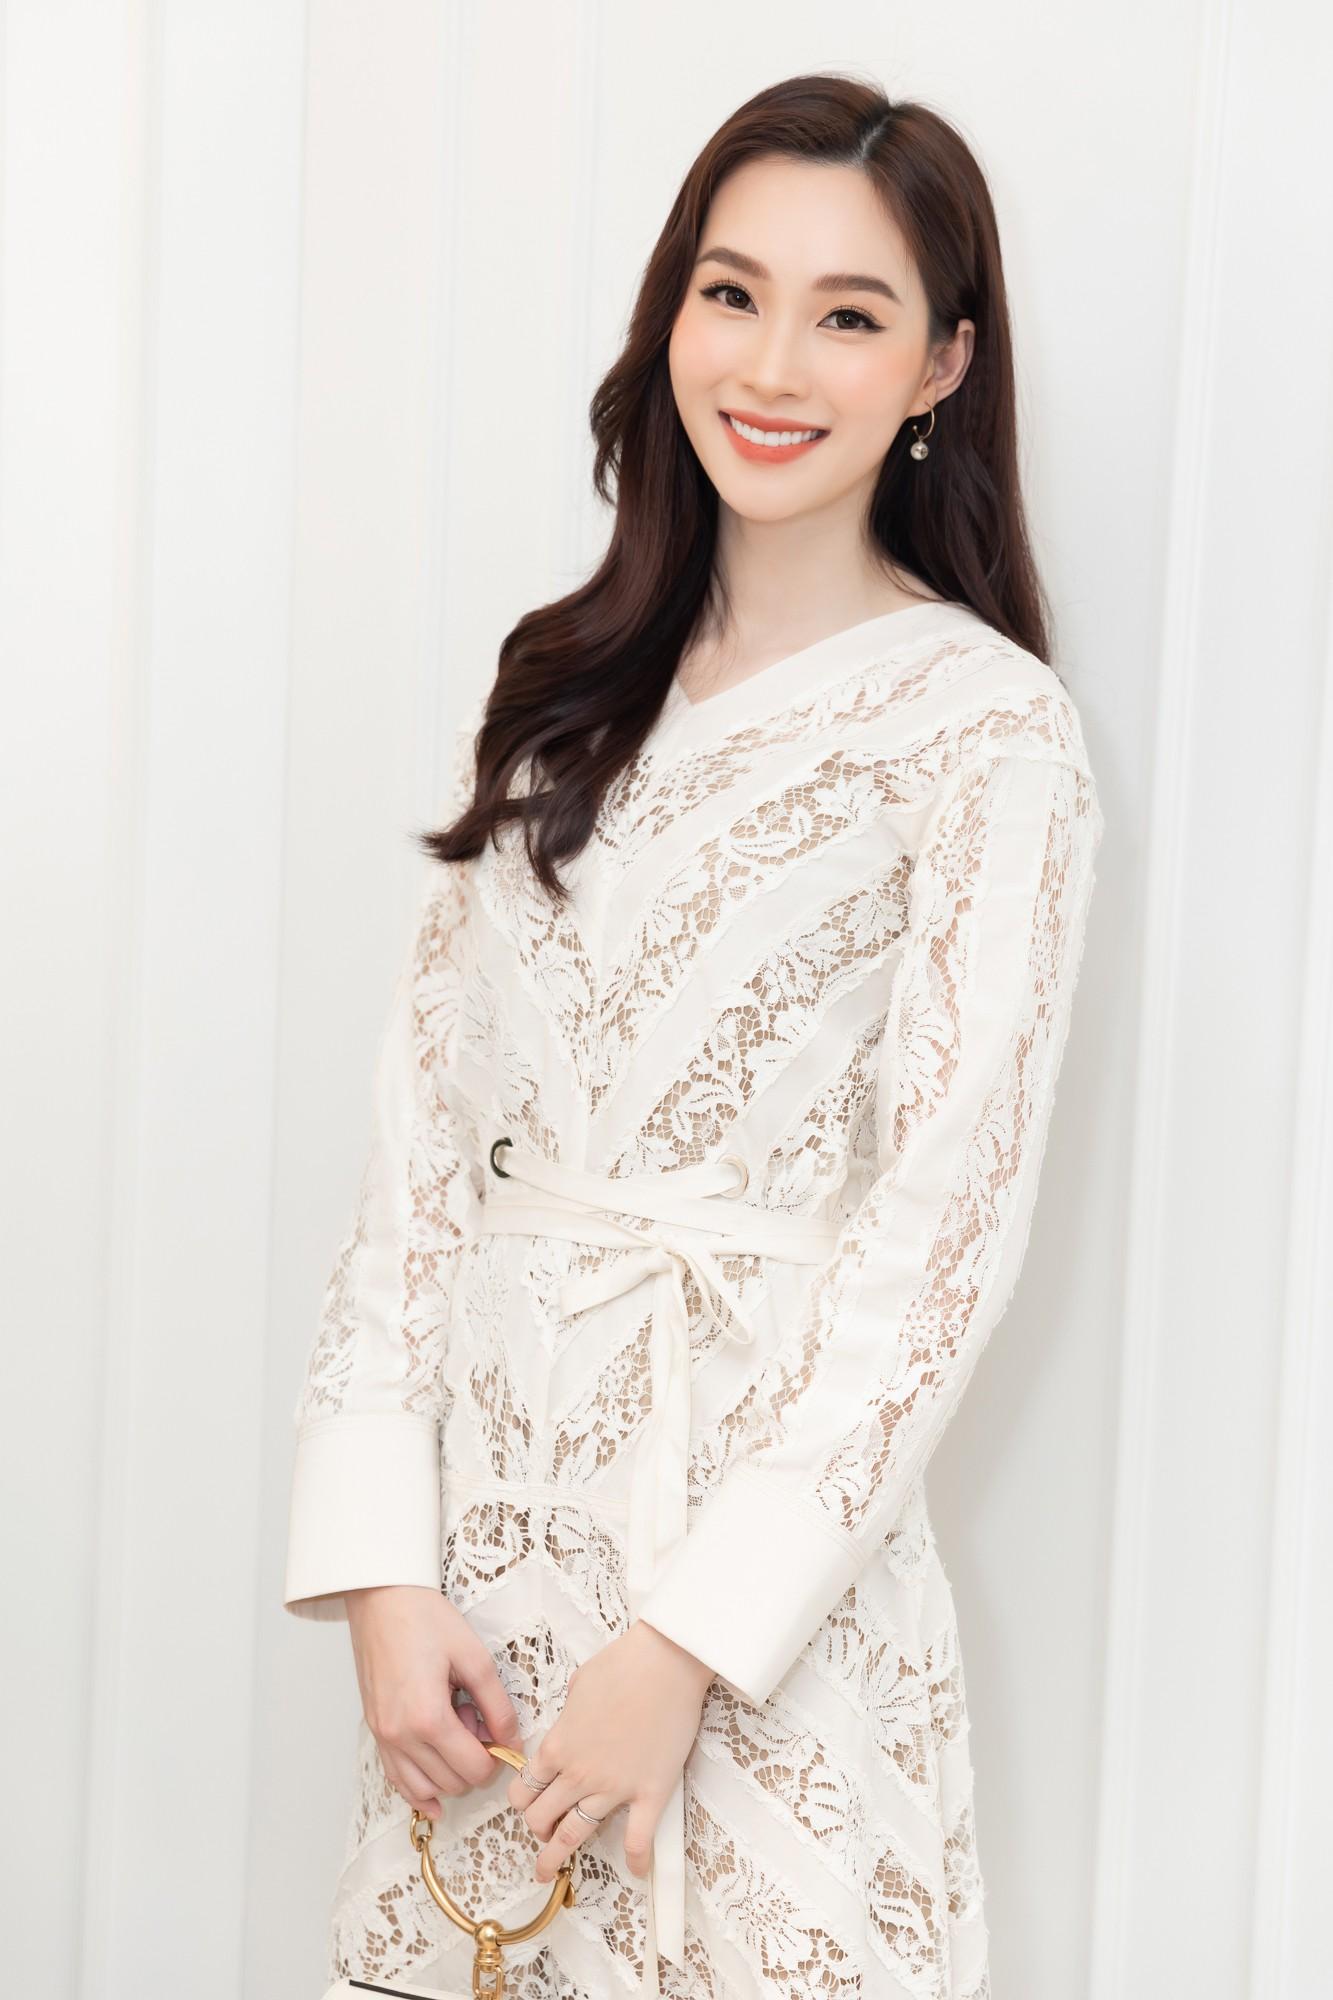 Đều là Hoa hậu Việt Nam mà xuất hiện chung một sự kiện mới thấy Thu Thảo - Kỳ Duyên khác nhau thế nào - Ảnh 2.